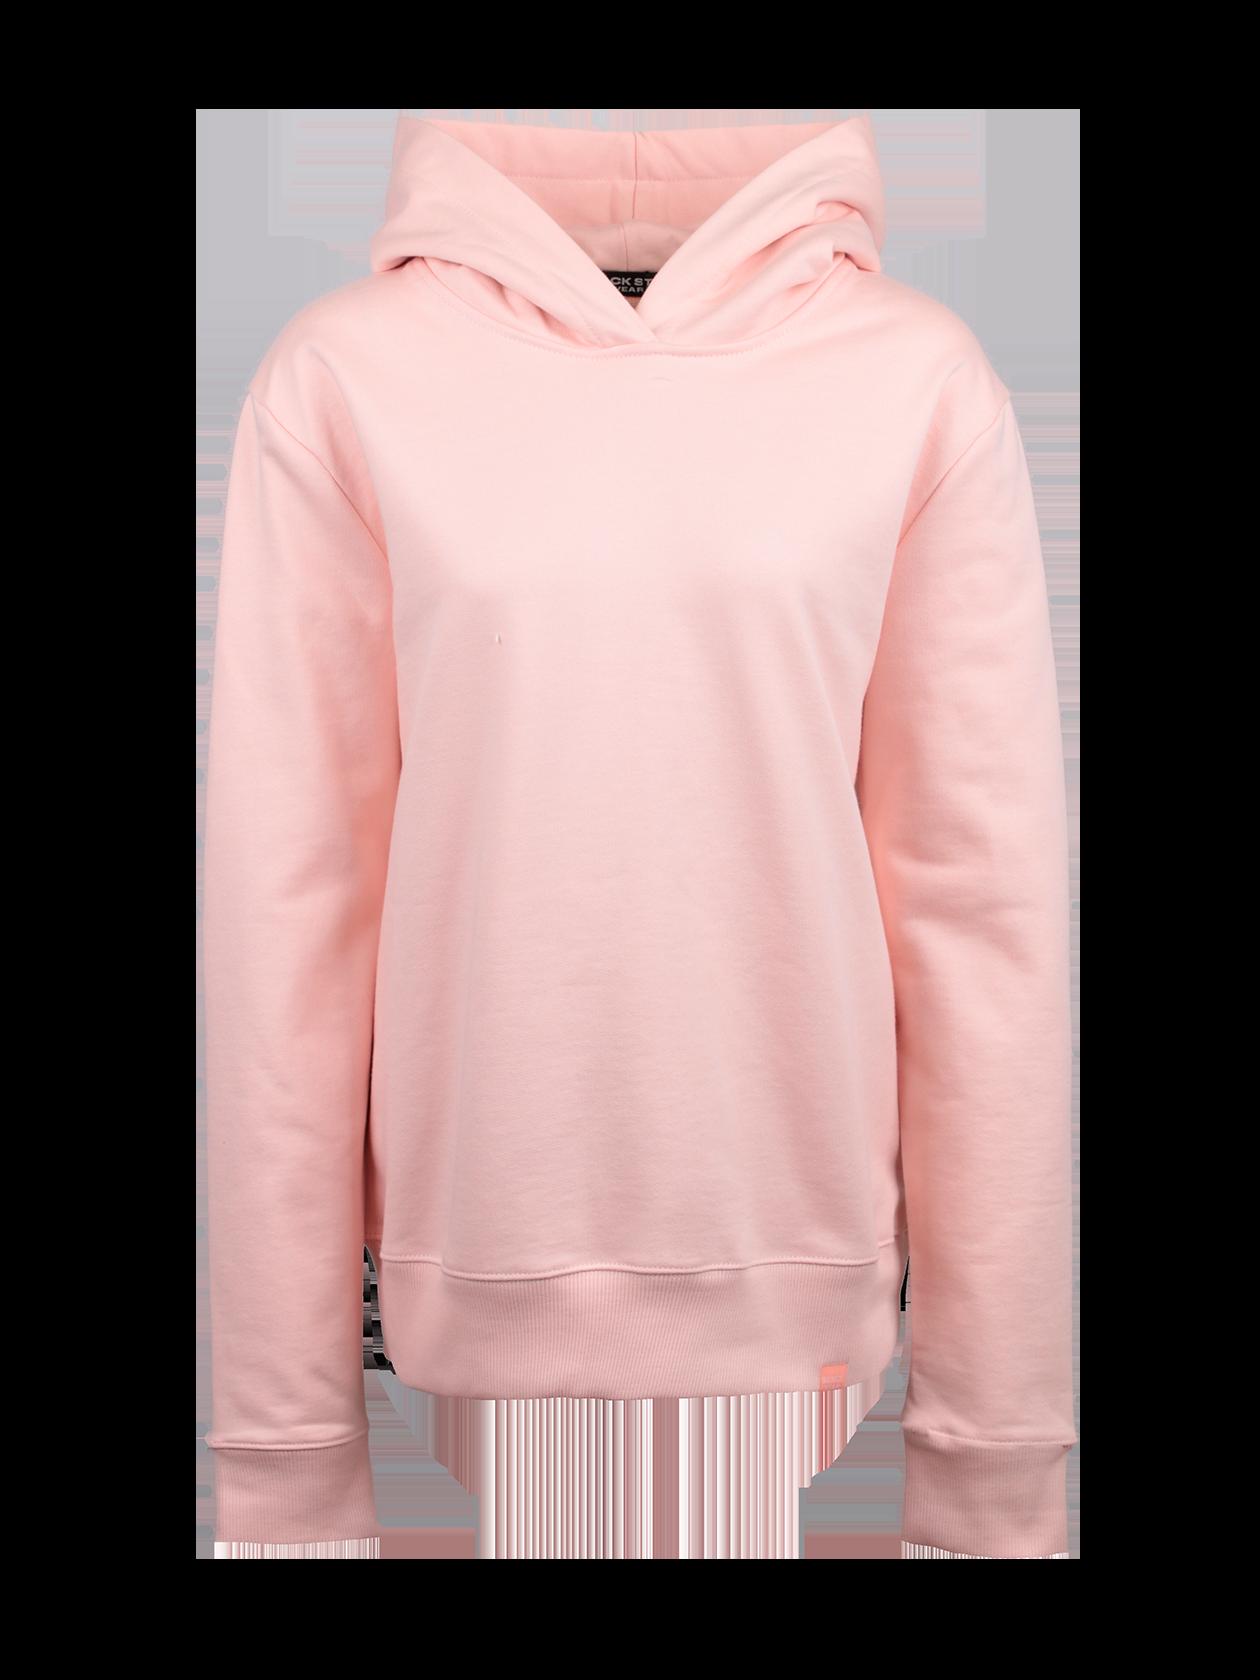 Худи женская NUDEХуди унисекс Nude приятной бледно-розовой расцветки станет неотъемлемой частью любого гардероба. Модель спортивного стиля с объемным капюшоном. Низ и манжеты вещи оформлены широким гофрированным трикотажем в тон к изделию. Внутри по горловине спинки оформлен жаккардовый лейбл Black Star Wear. Фасон прямой, свободный, слегка удлиненный. Худи сшита из плотного футера, приятного к телу, отличается высокой носкостью и практичностью. Подходит для спорта, отдыха, прогулок.<br><br>Размер: S<br>Цвет: Розовый<br>Пол: Женский